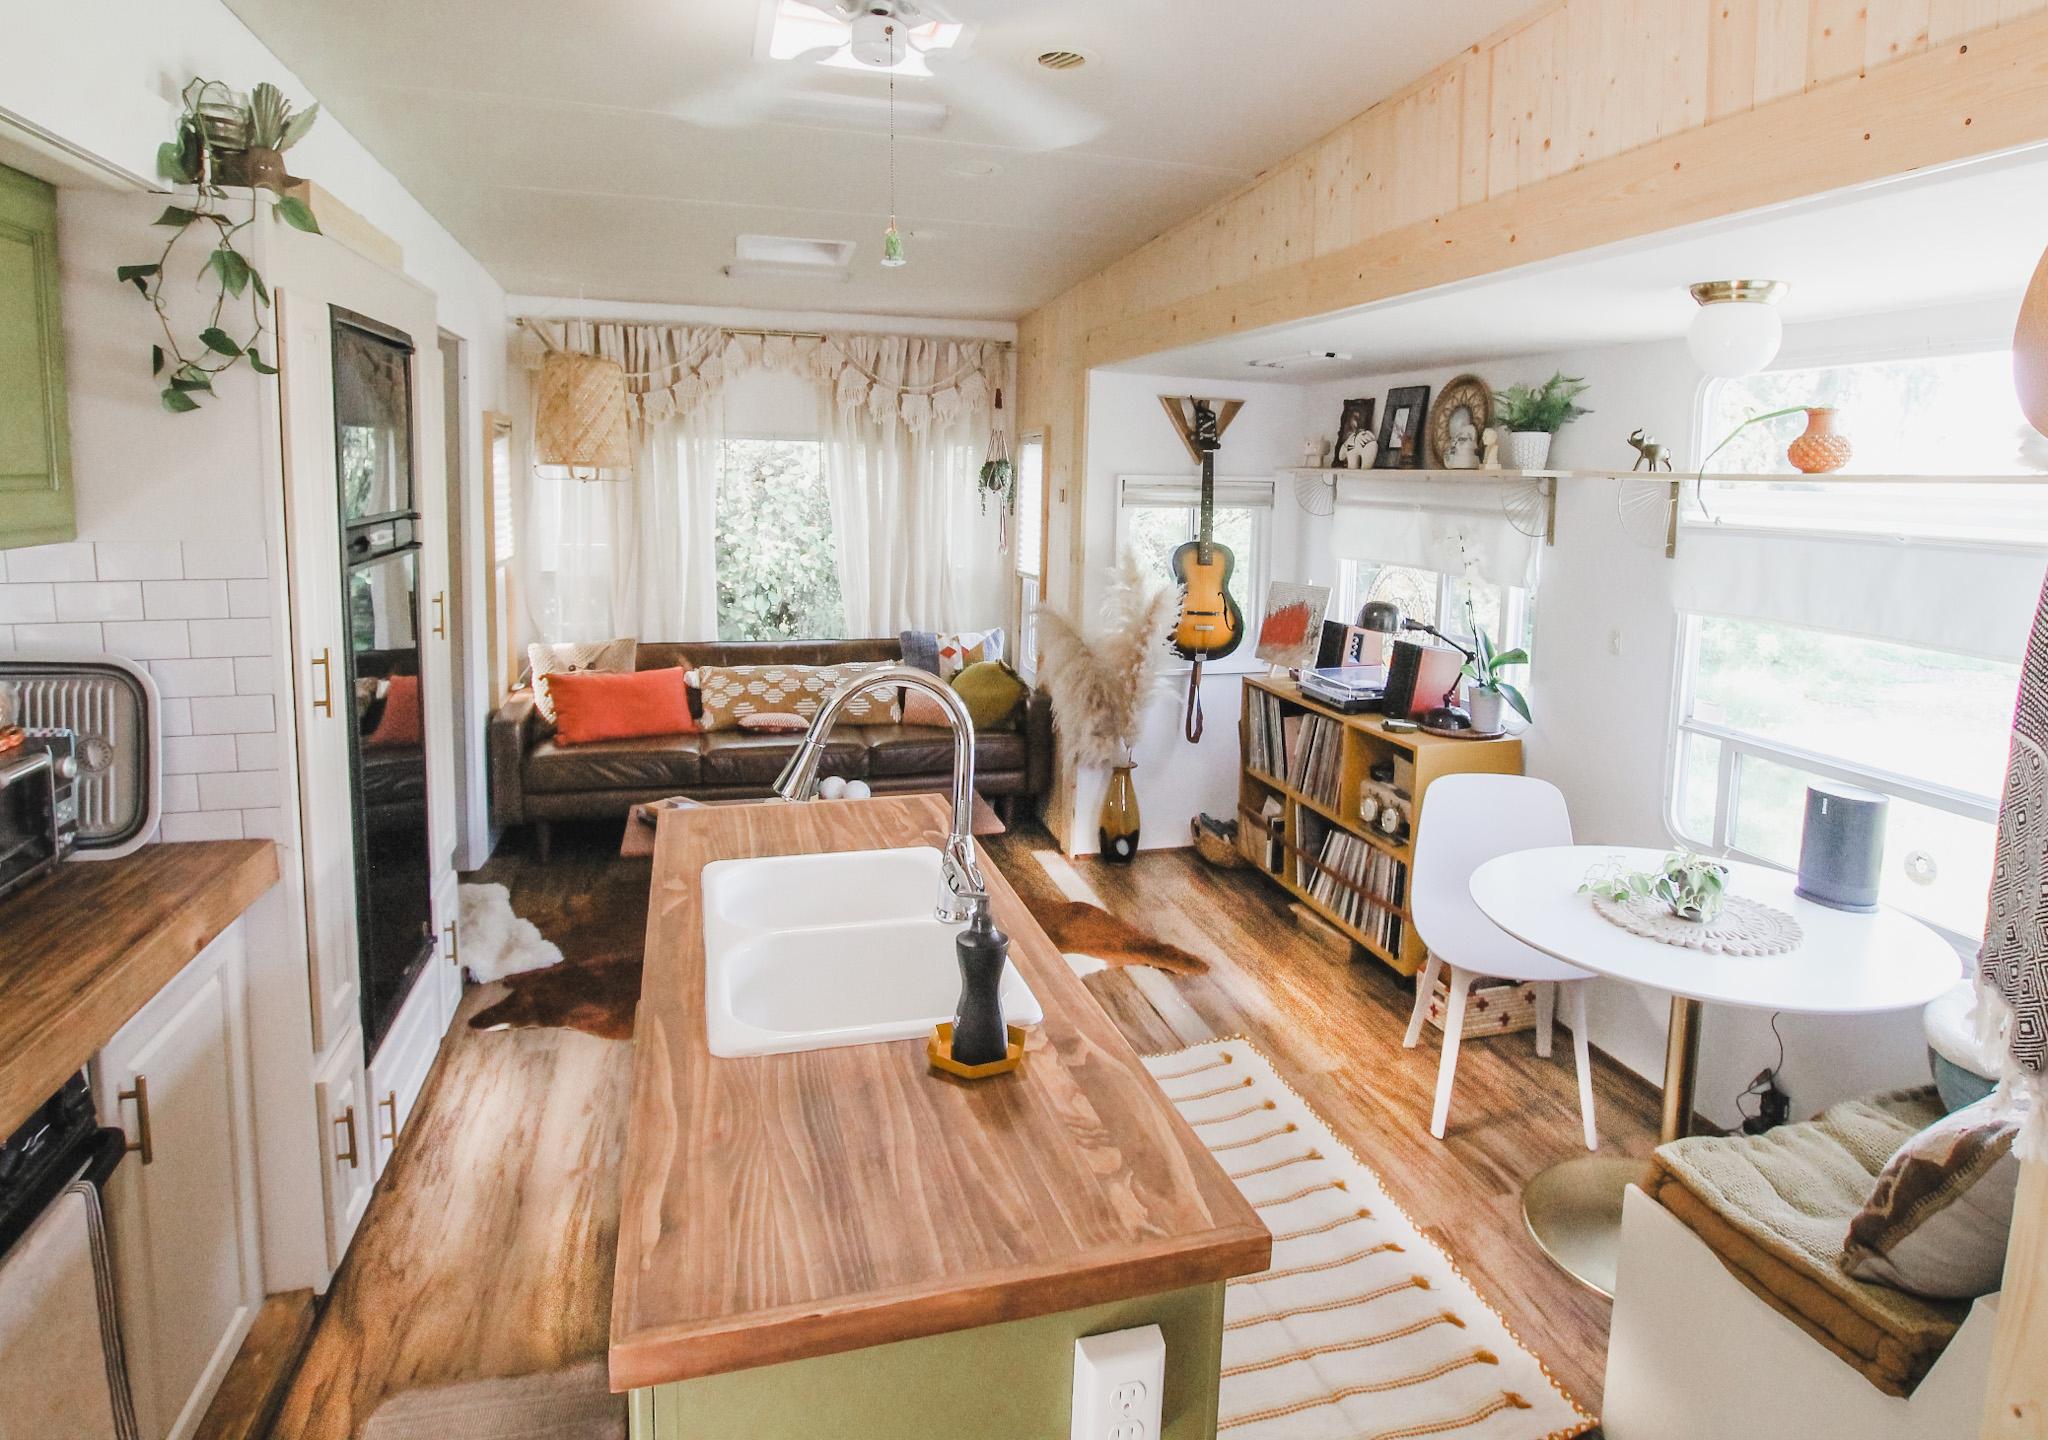 New RV floors around an island kitchen.